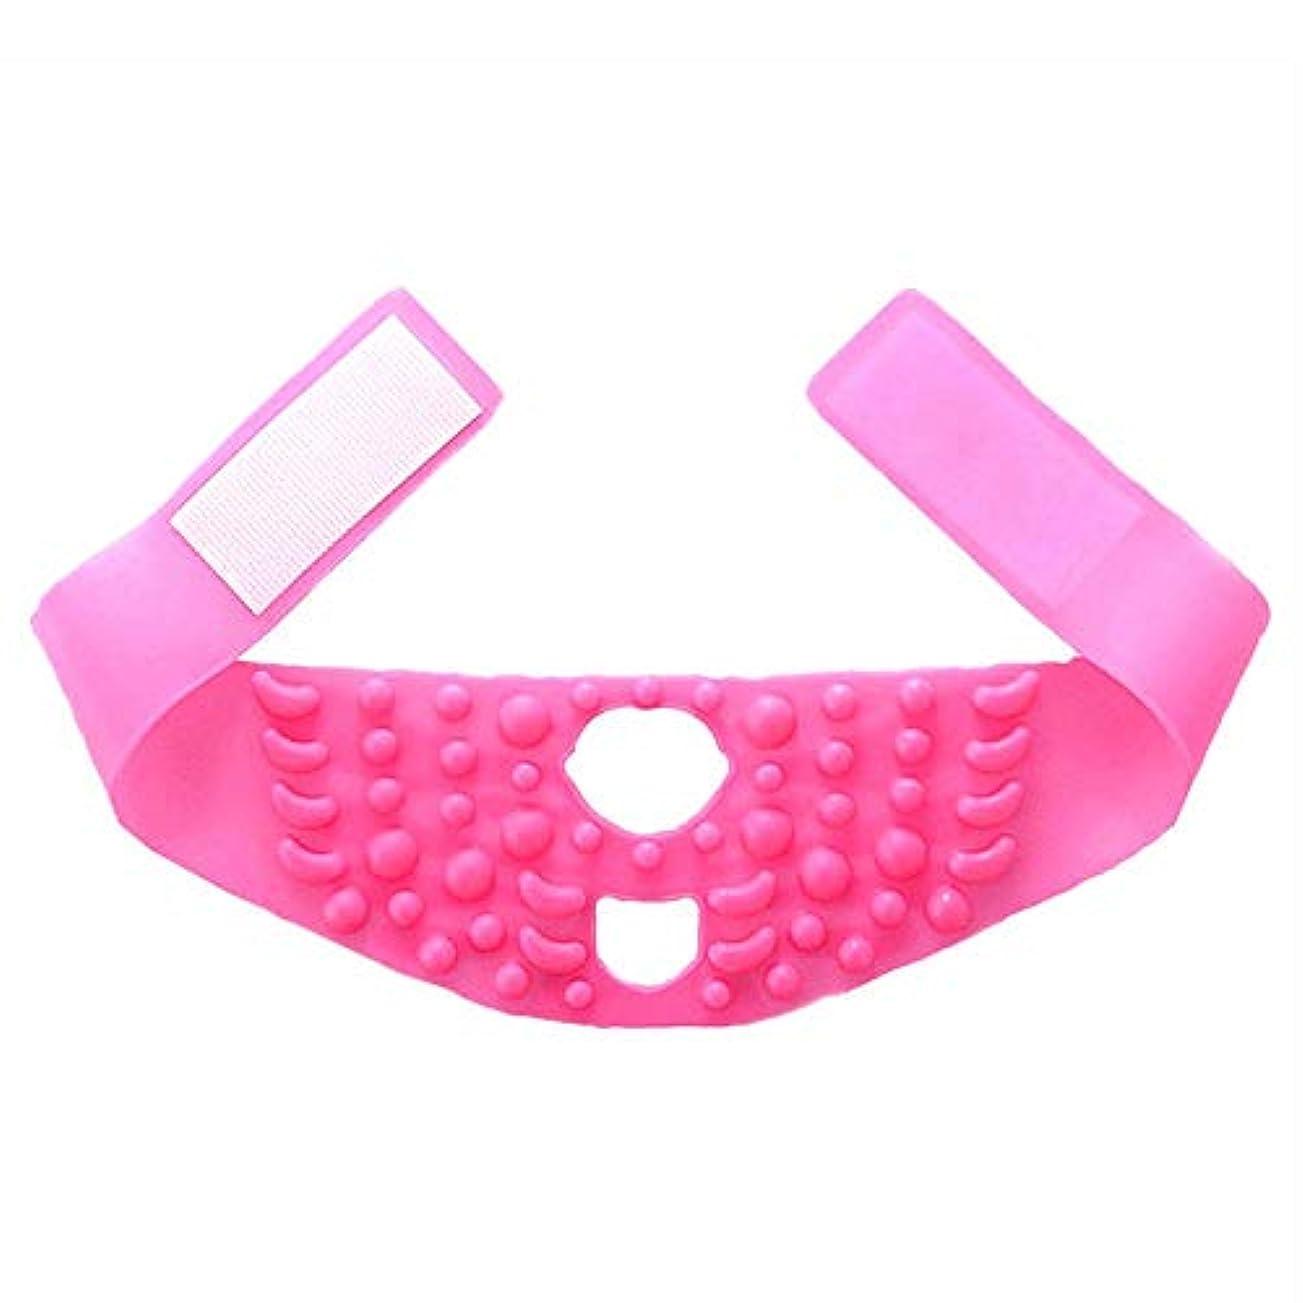 六月気候ヒールJia Jia- シンフェイスマスクシリコーンマッサージ引き締まった形の小さなVフェイスリフティングに薄いフェイスアーティファクト包帯を飾る - ピンク 顔面包帯